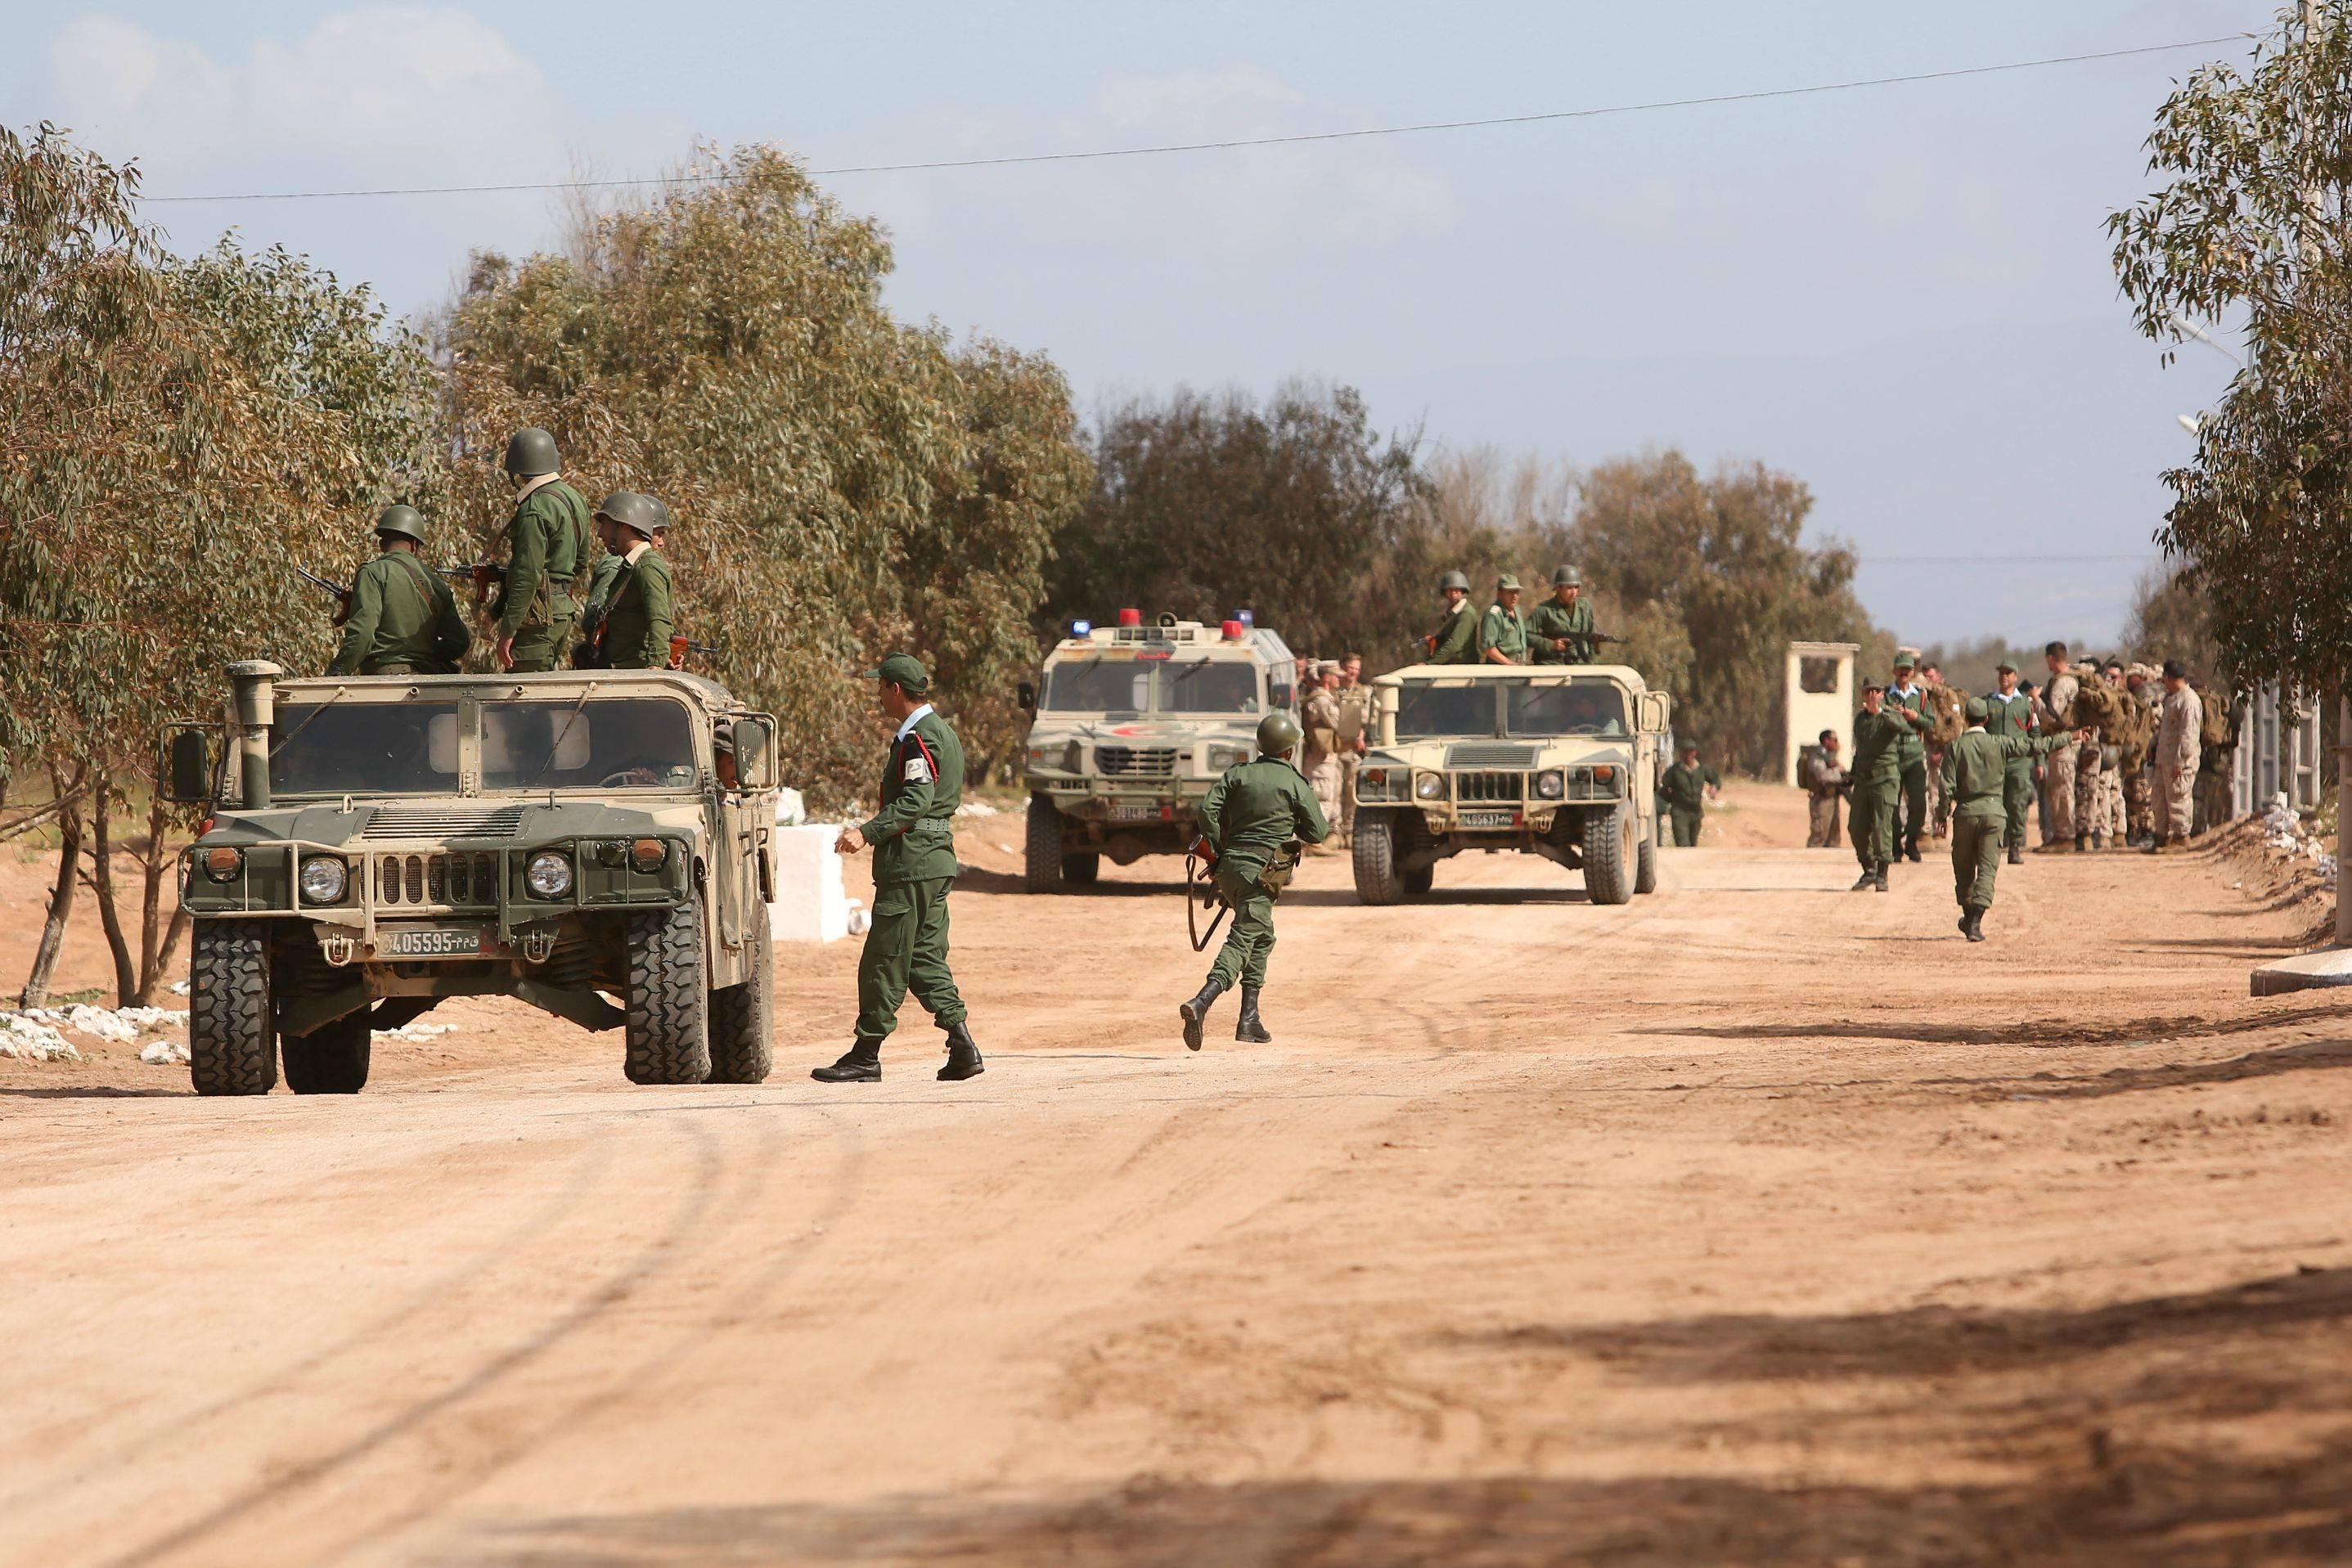 الجيش الموريتانى يعتقل عصابة مهربين على الحدود مع الجزائر ومالى